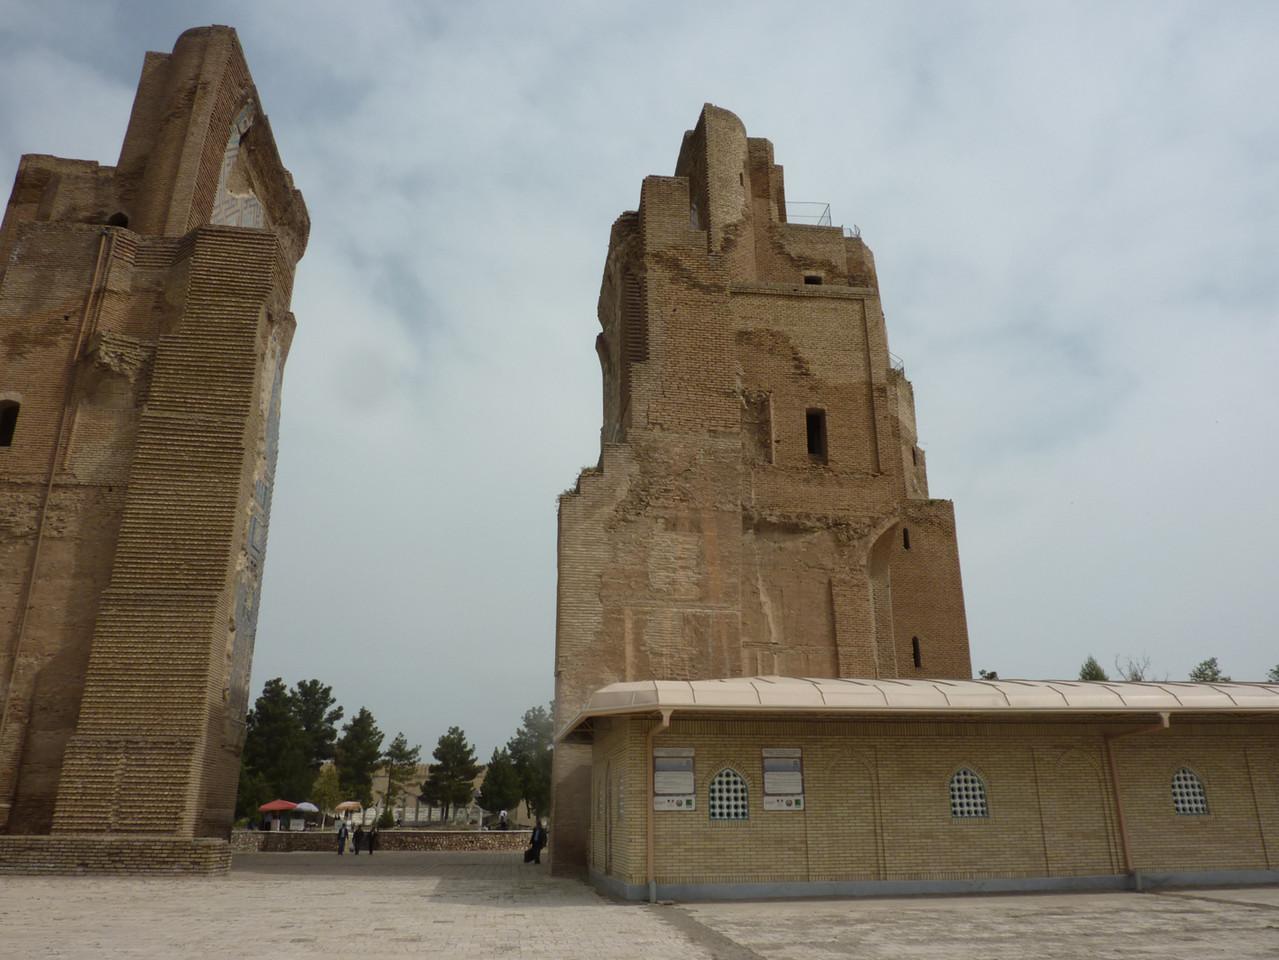 Vue de l'Ak Saray et du bâtiment depuis la grille du jardin (Socra, 2013).